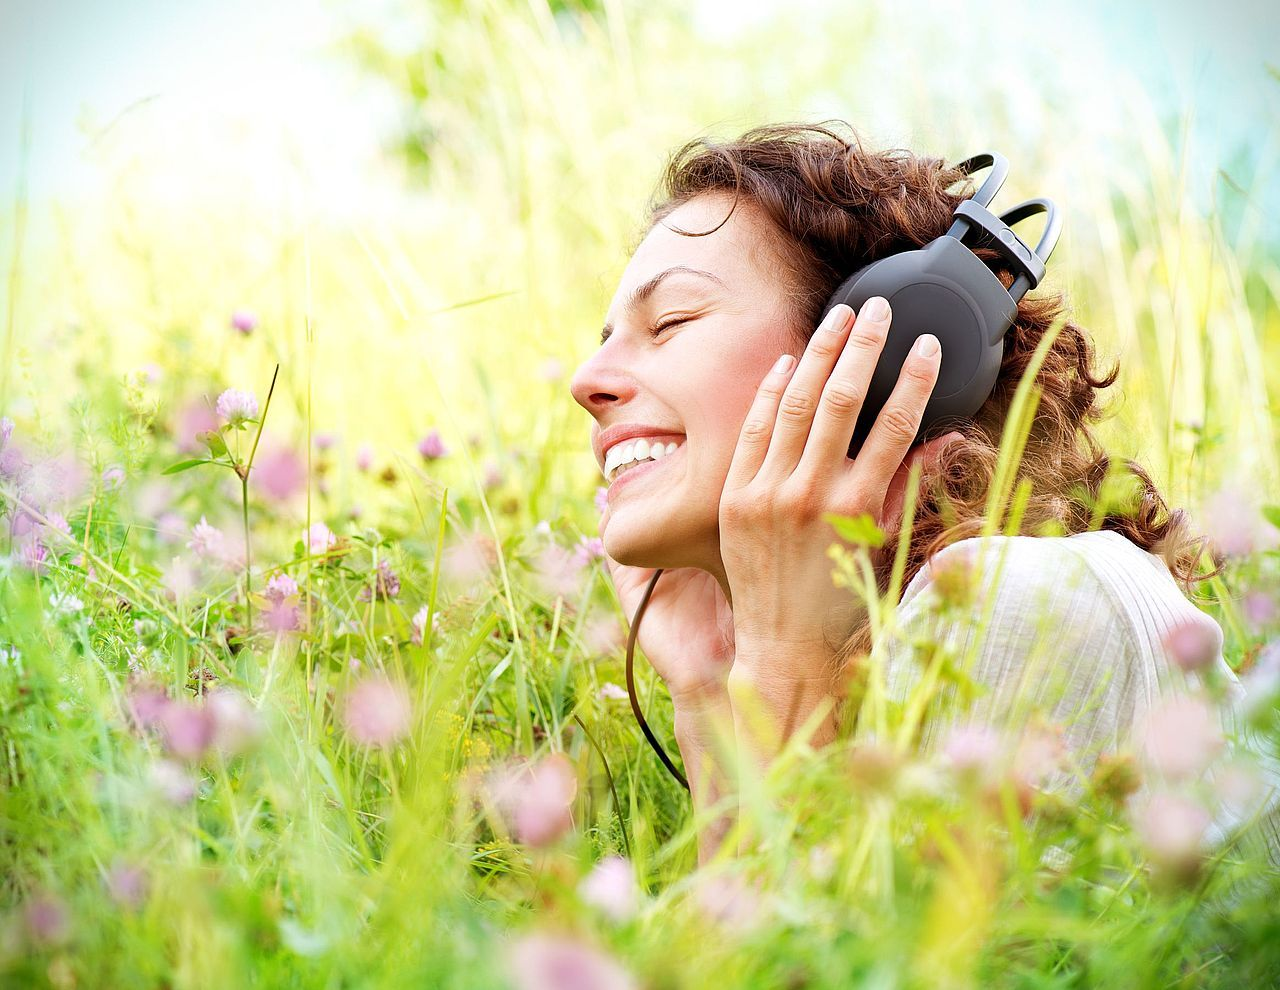 Уникальные Звуковые Настрои Помогающие в Восстановлении После Травм Спинного Мозга, Инсульта или Инфаркта